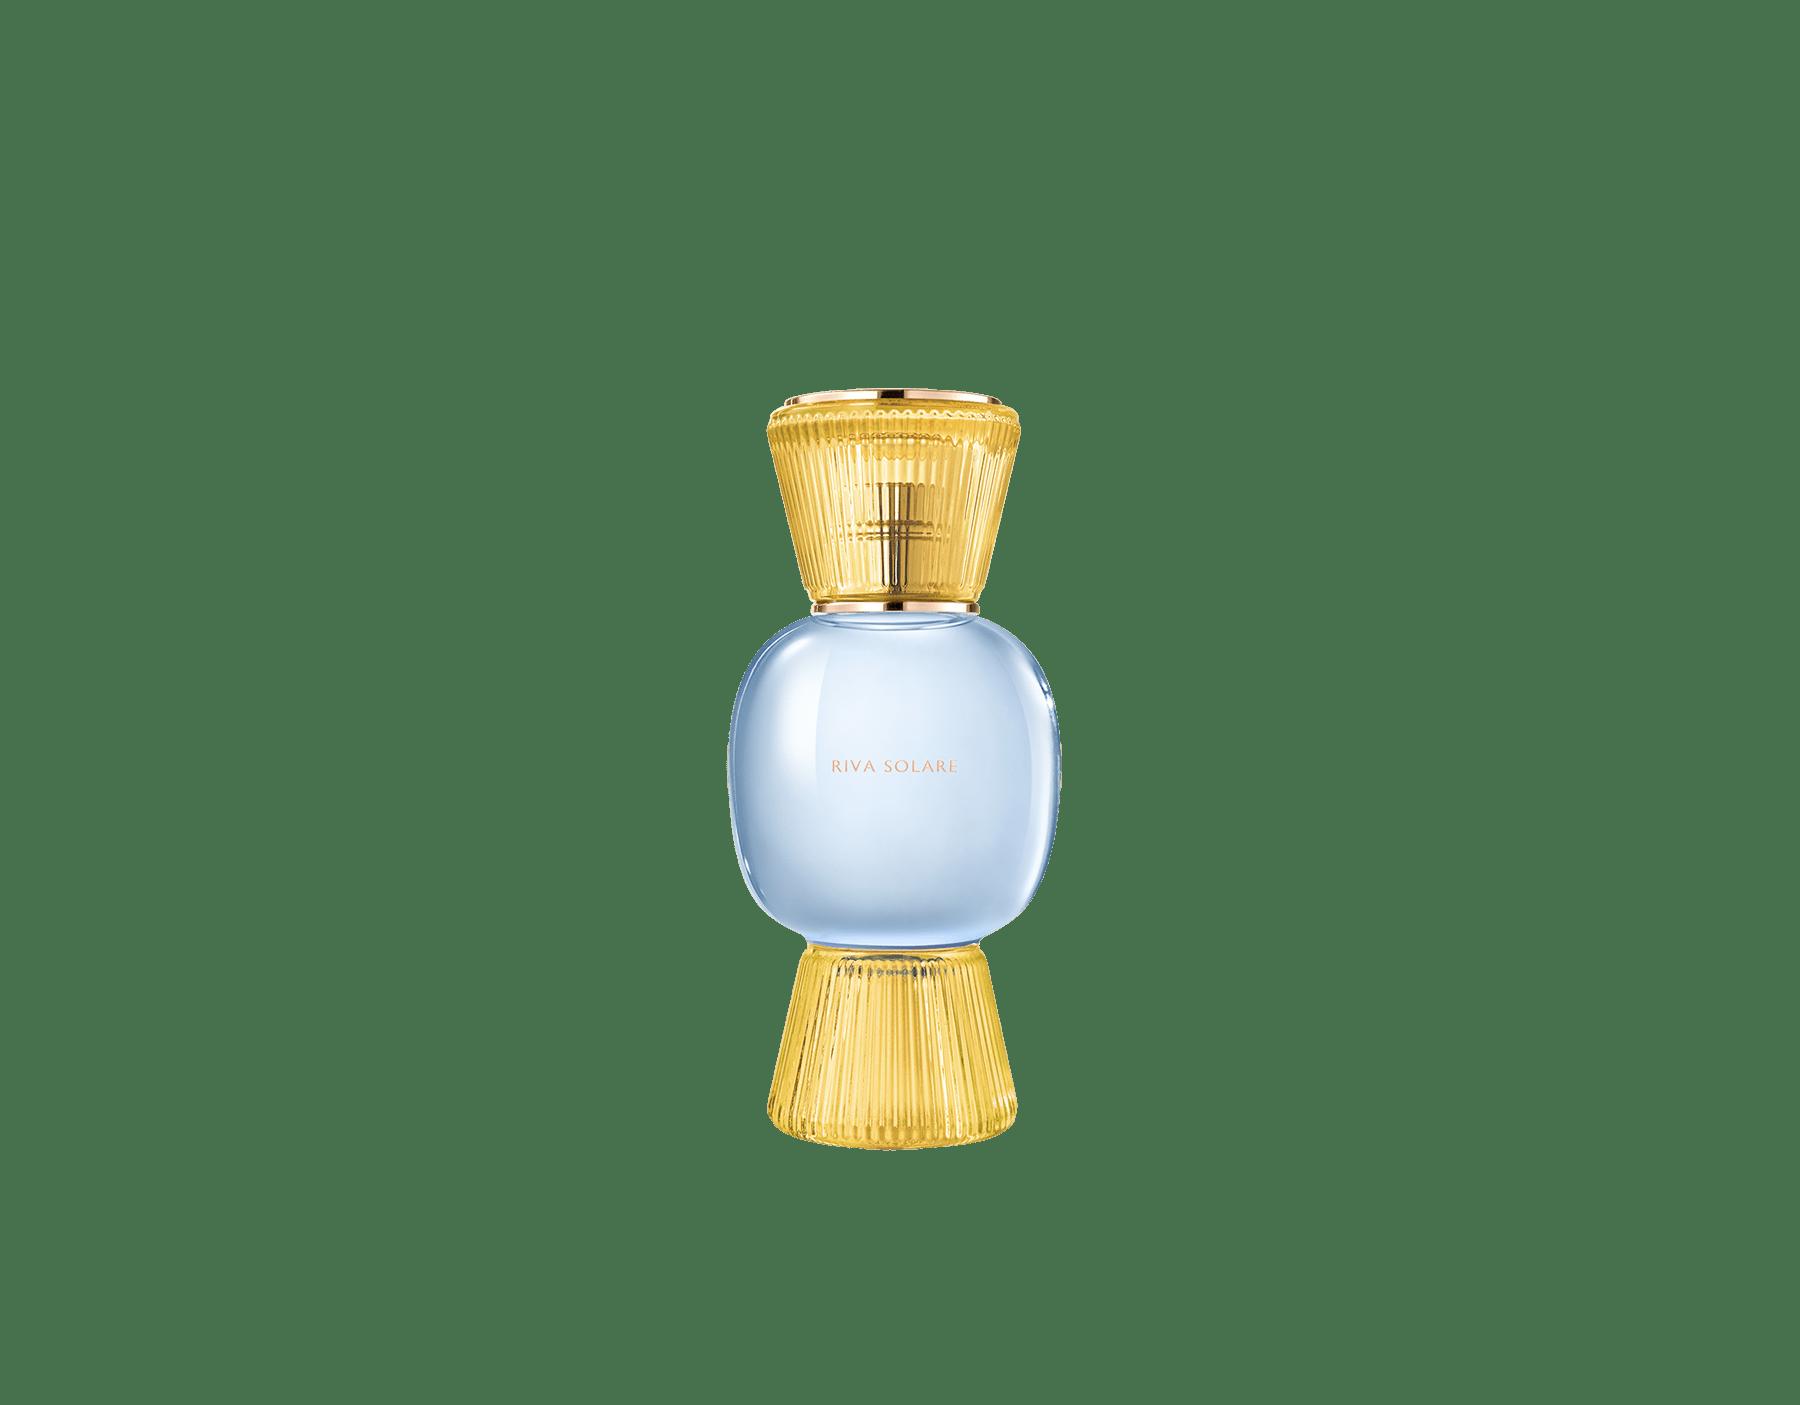 «Riva Solare représente les vacances éternelles en Italie.» Jacques Cavallier Un agrume pétillant incarnant l'énergie palpitante d'un tour sur la Mer Méditerrannée 41242 image 1